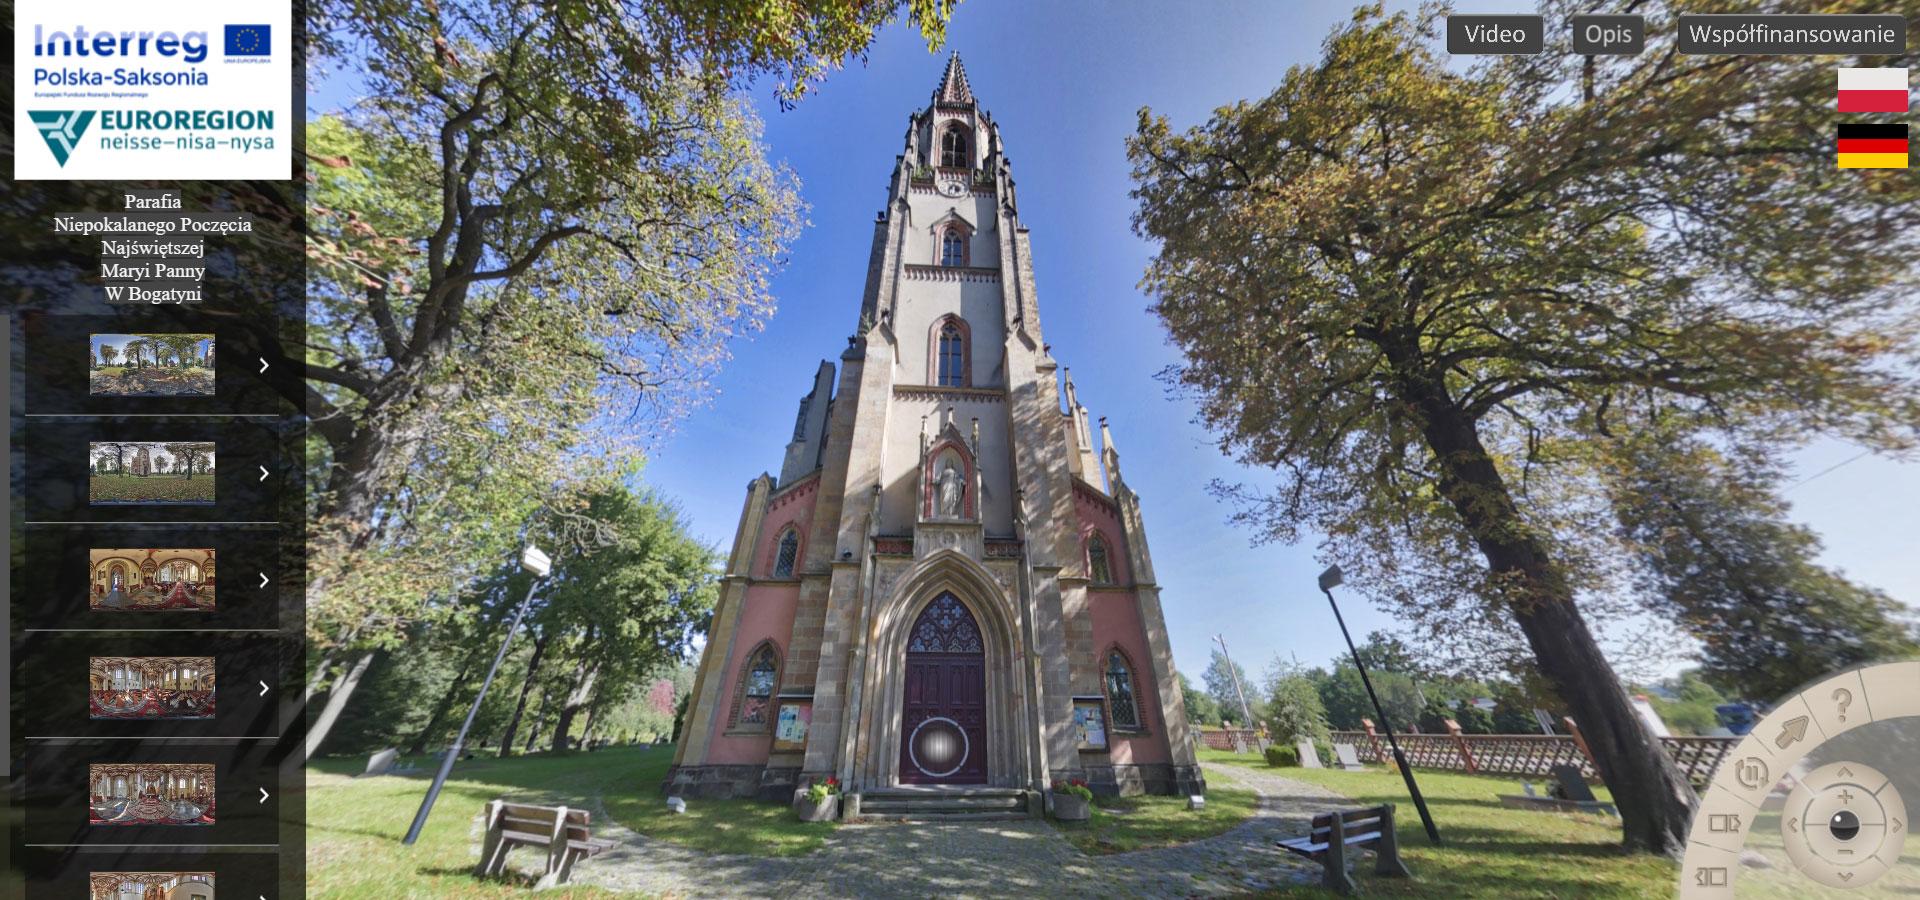 Kościół-w-Bogatyni